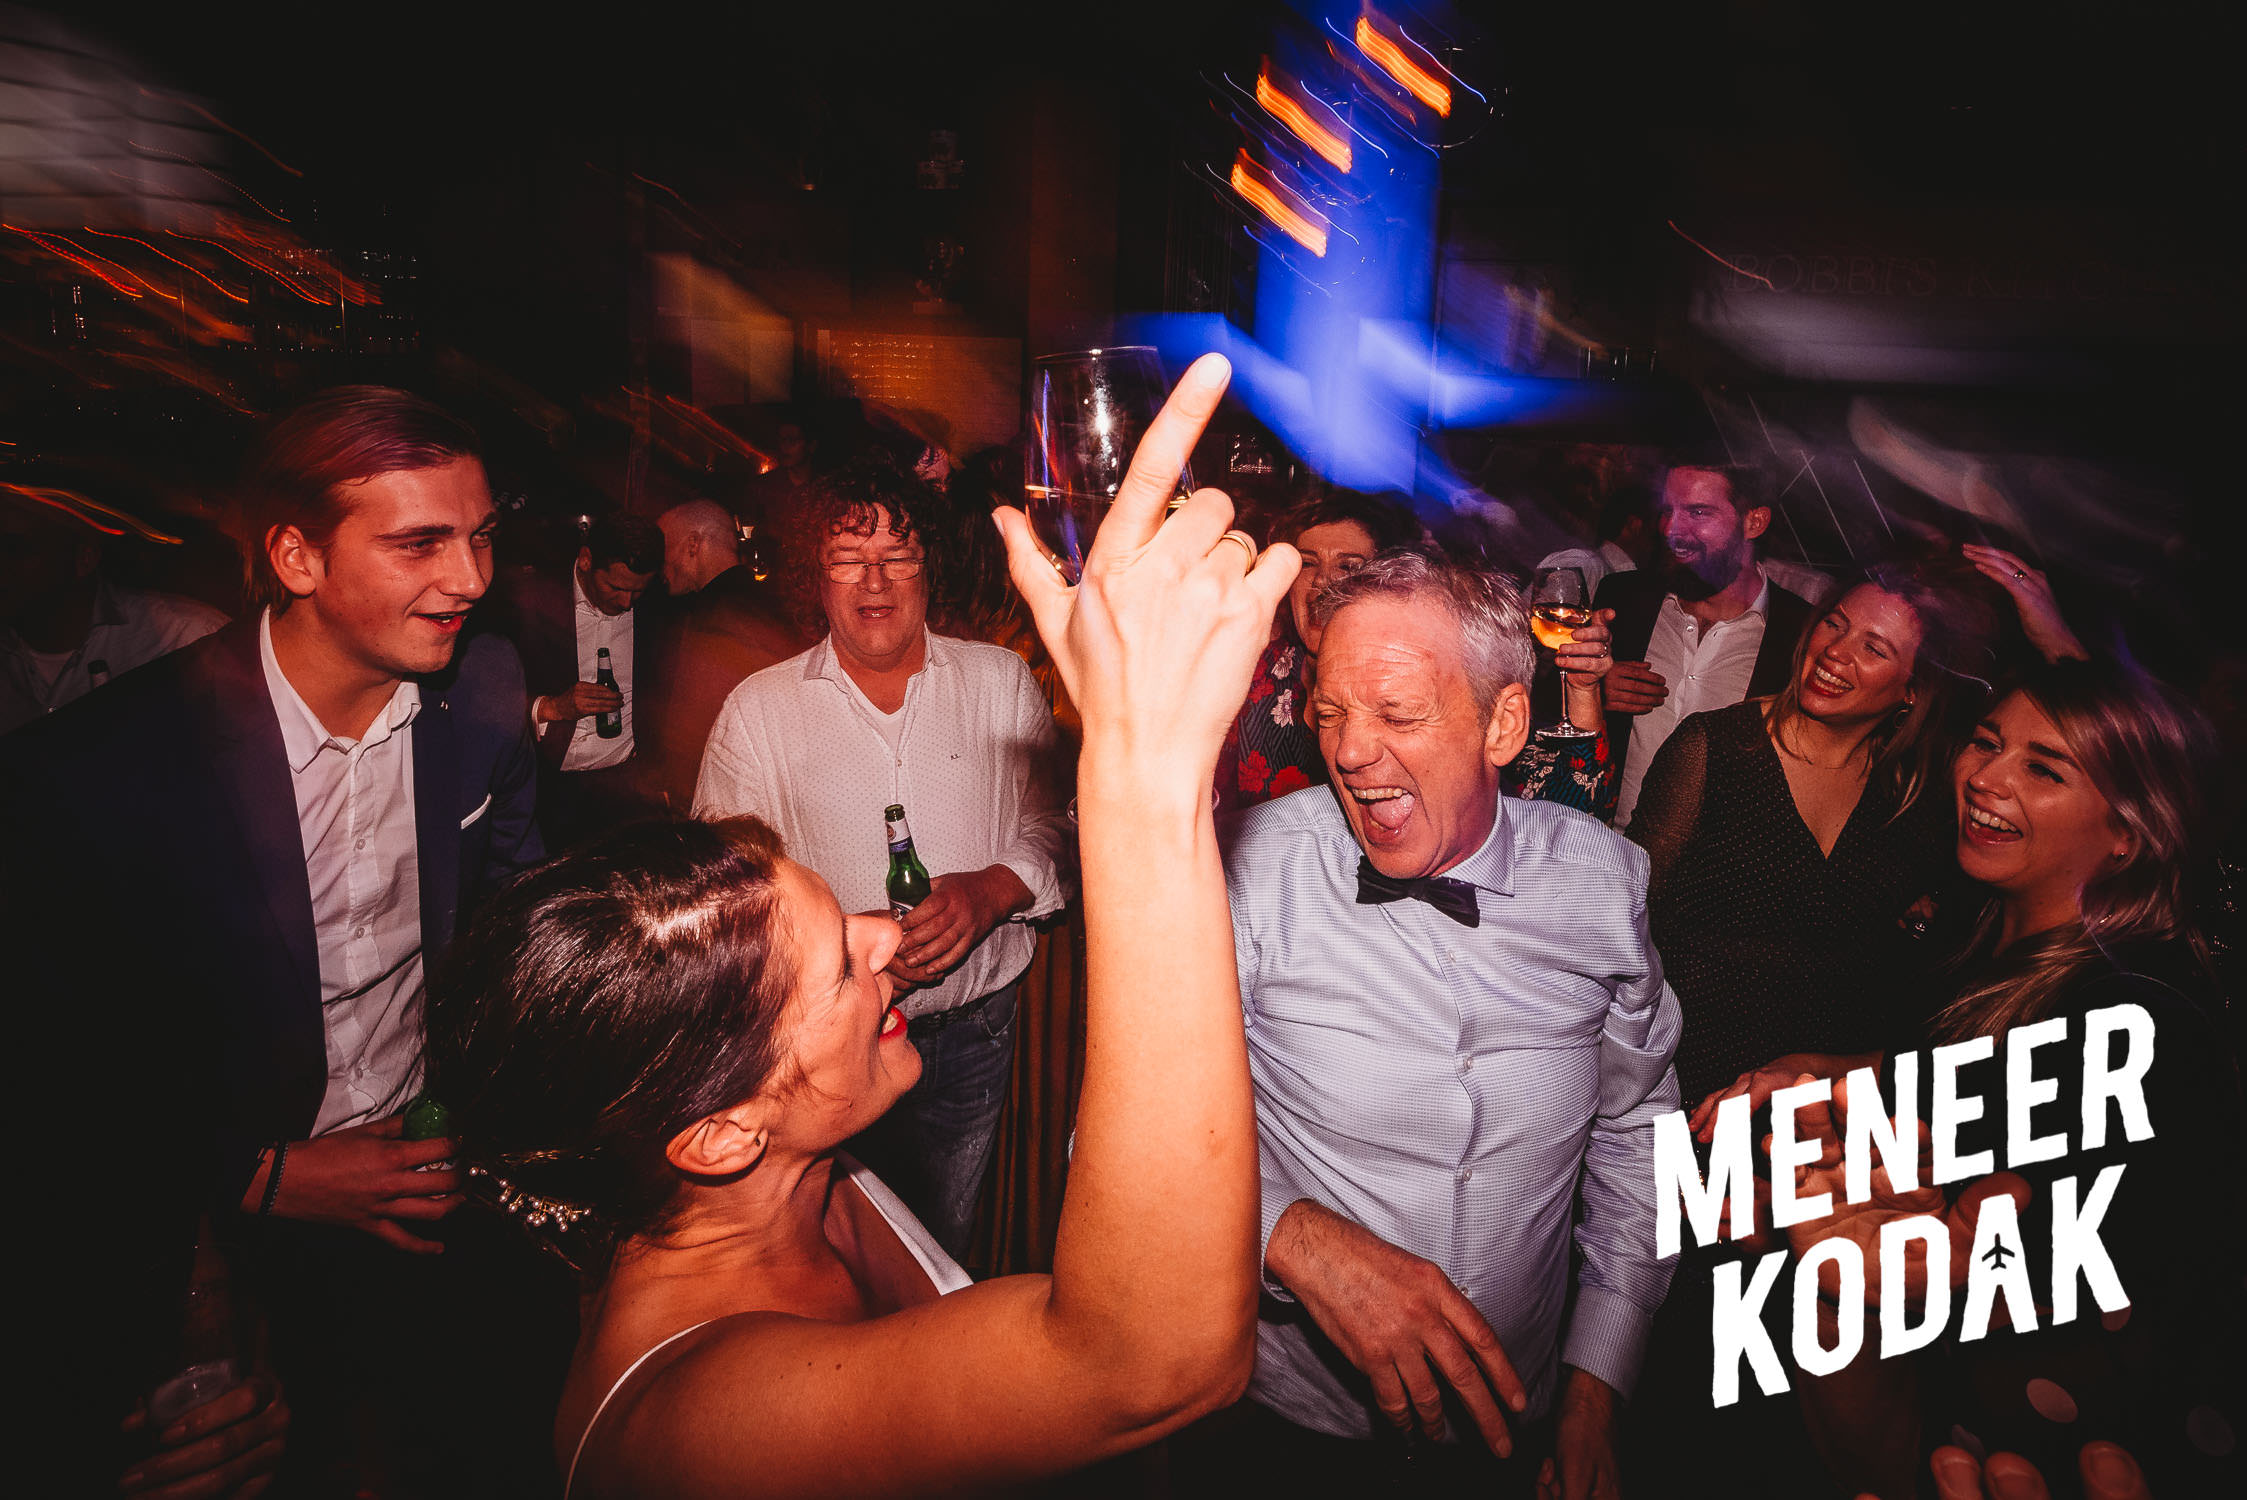 Meneer Kodak - Bruidsfotograaf - Breda - S&R-099.jpg